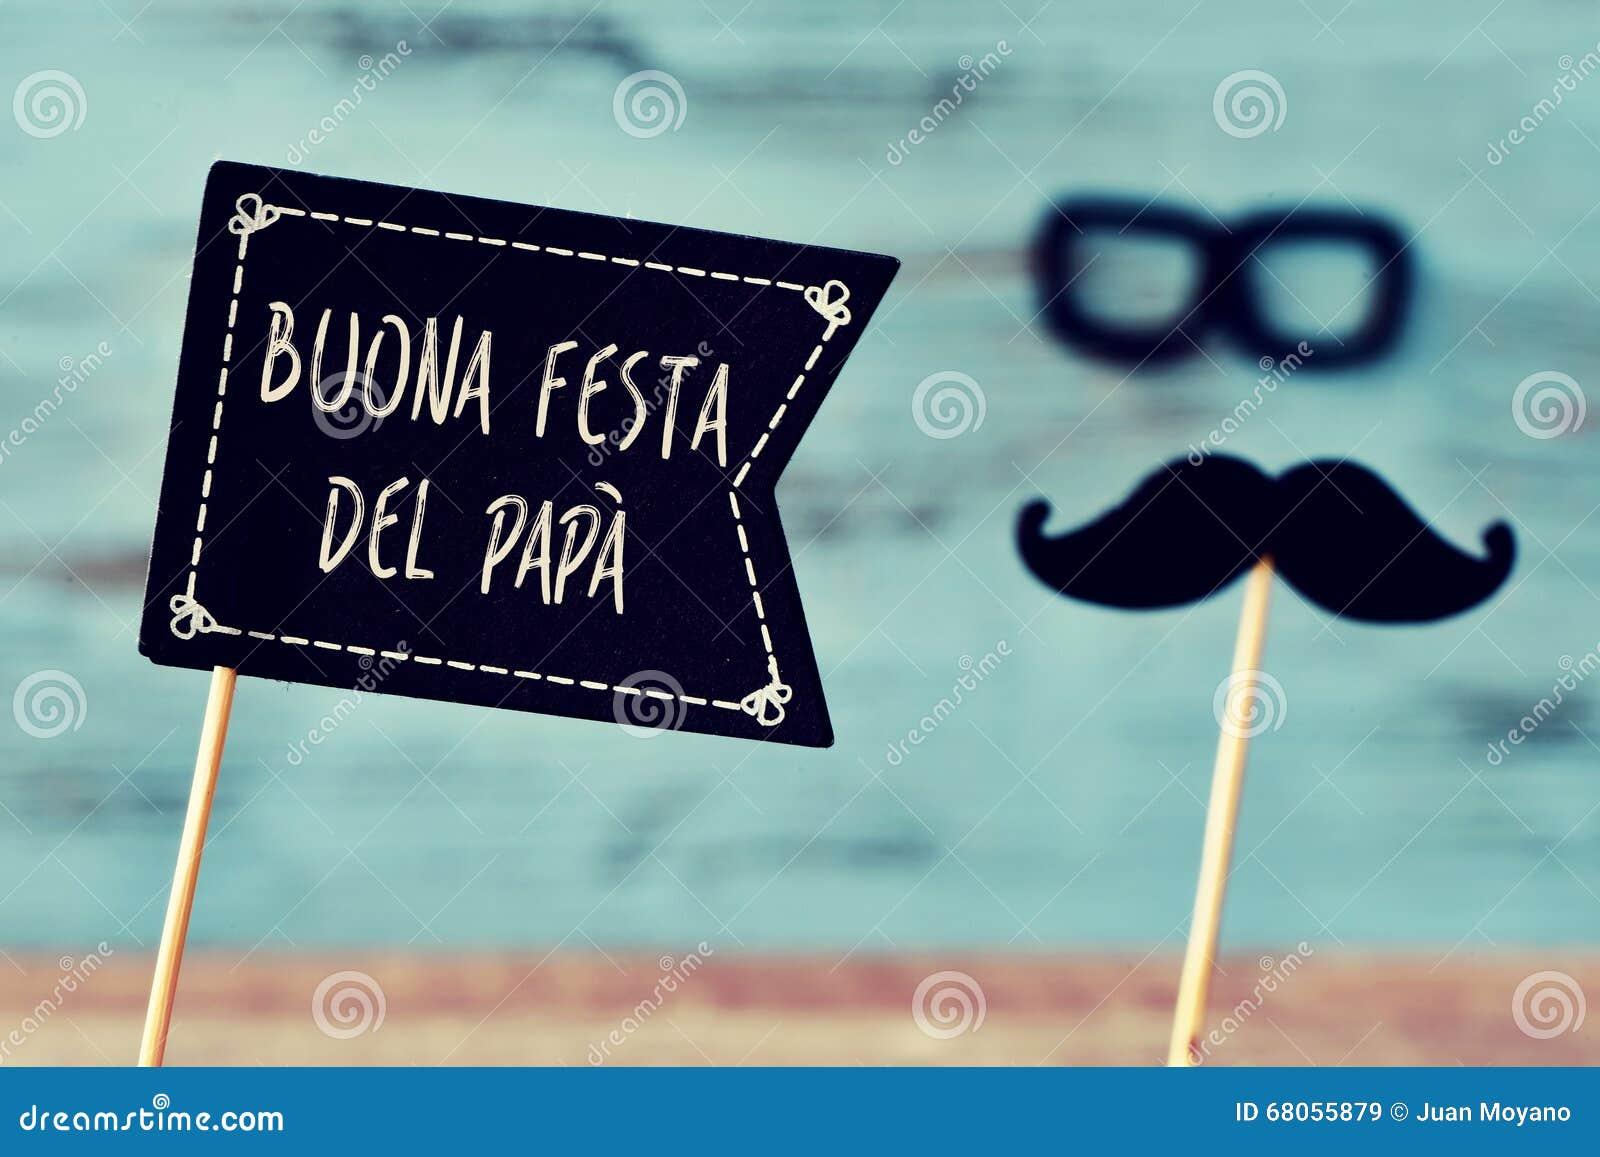 Mandi un sms a buona festa del papa, il giorno di padri felice in italiano